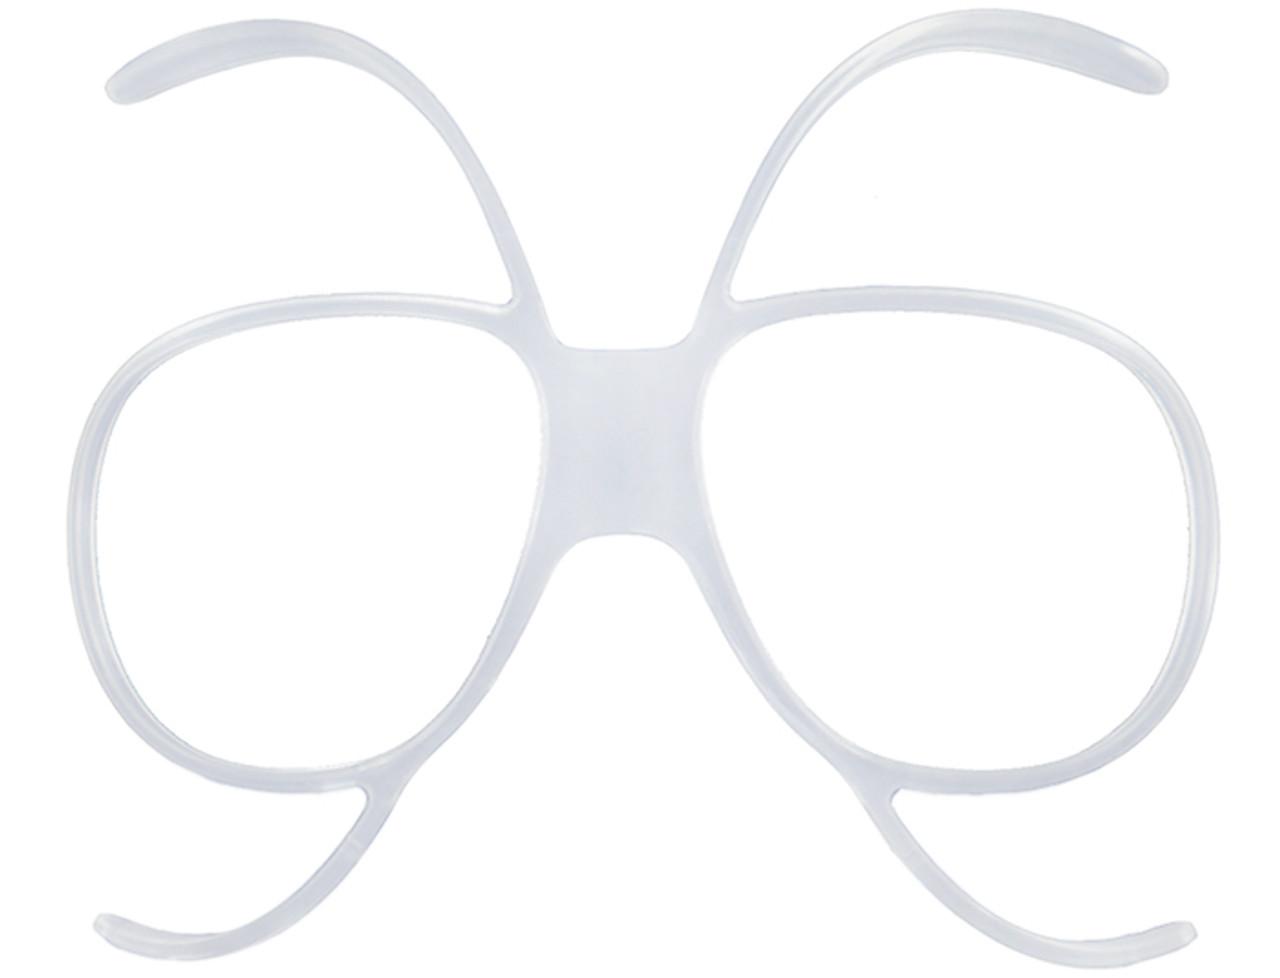 Ski Goggles Insert: Type 4 (Med Large)